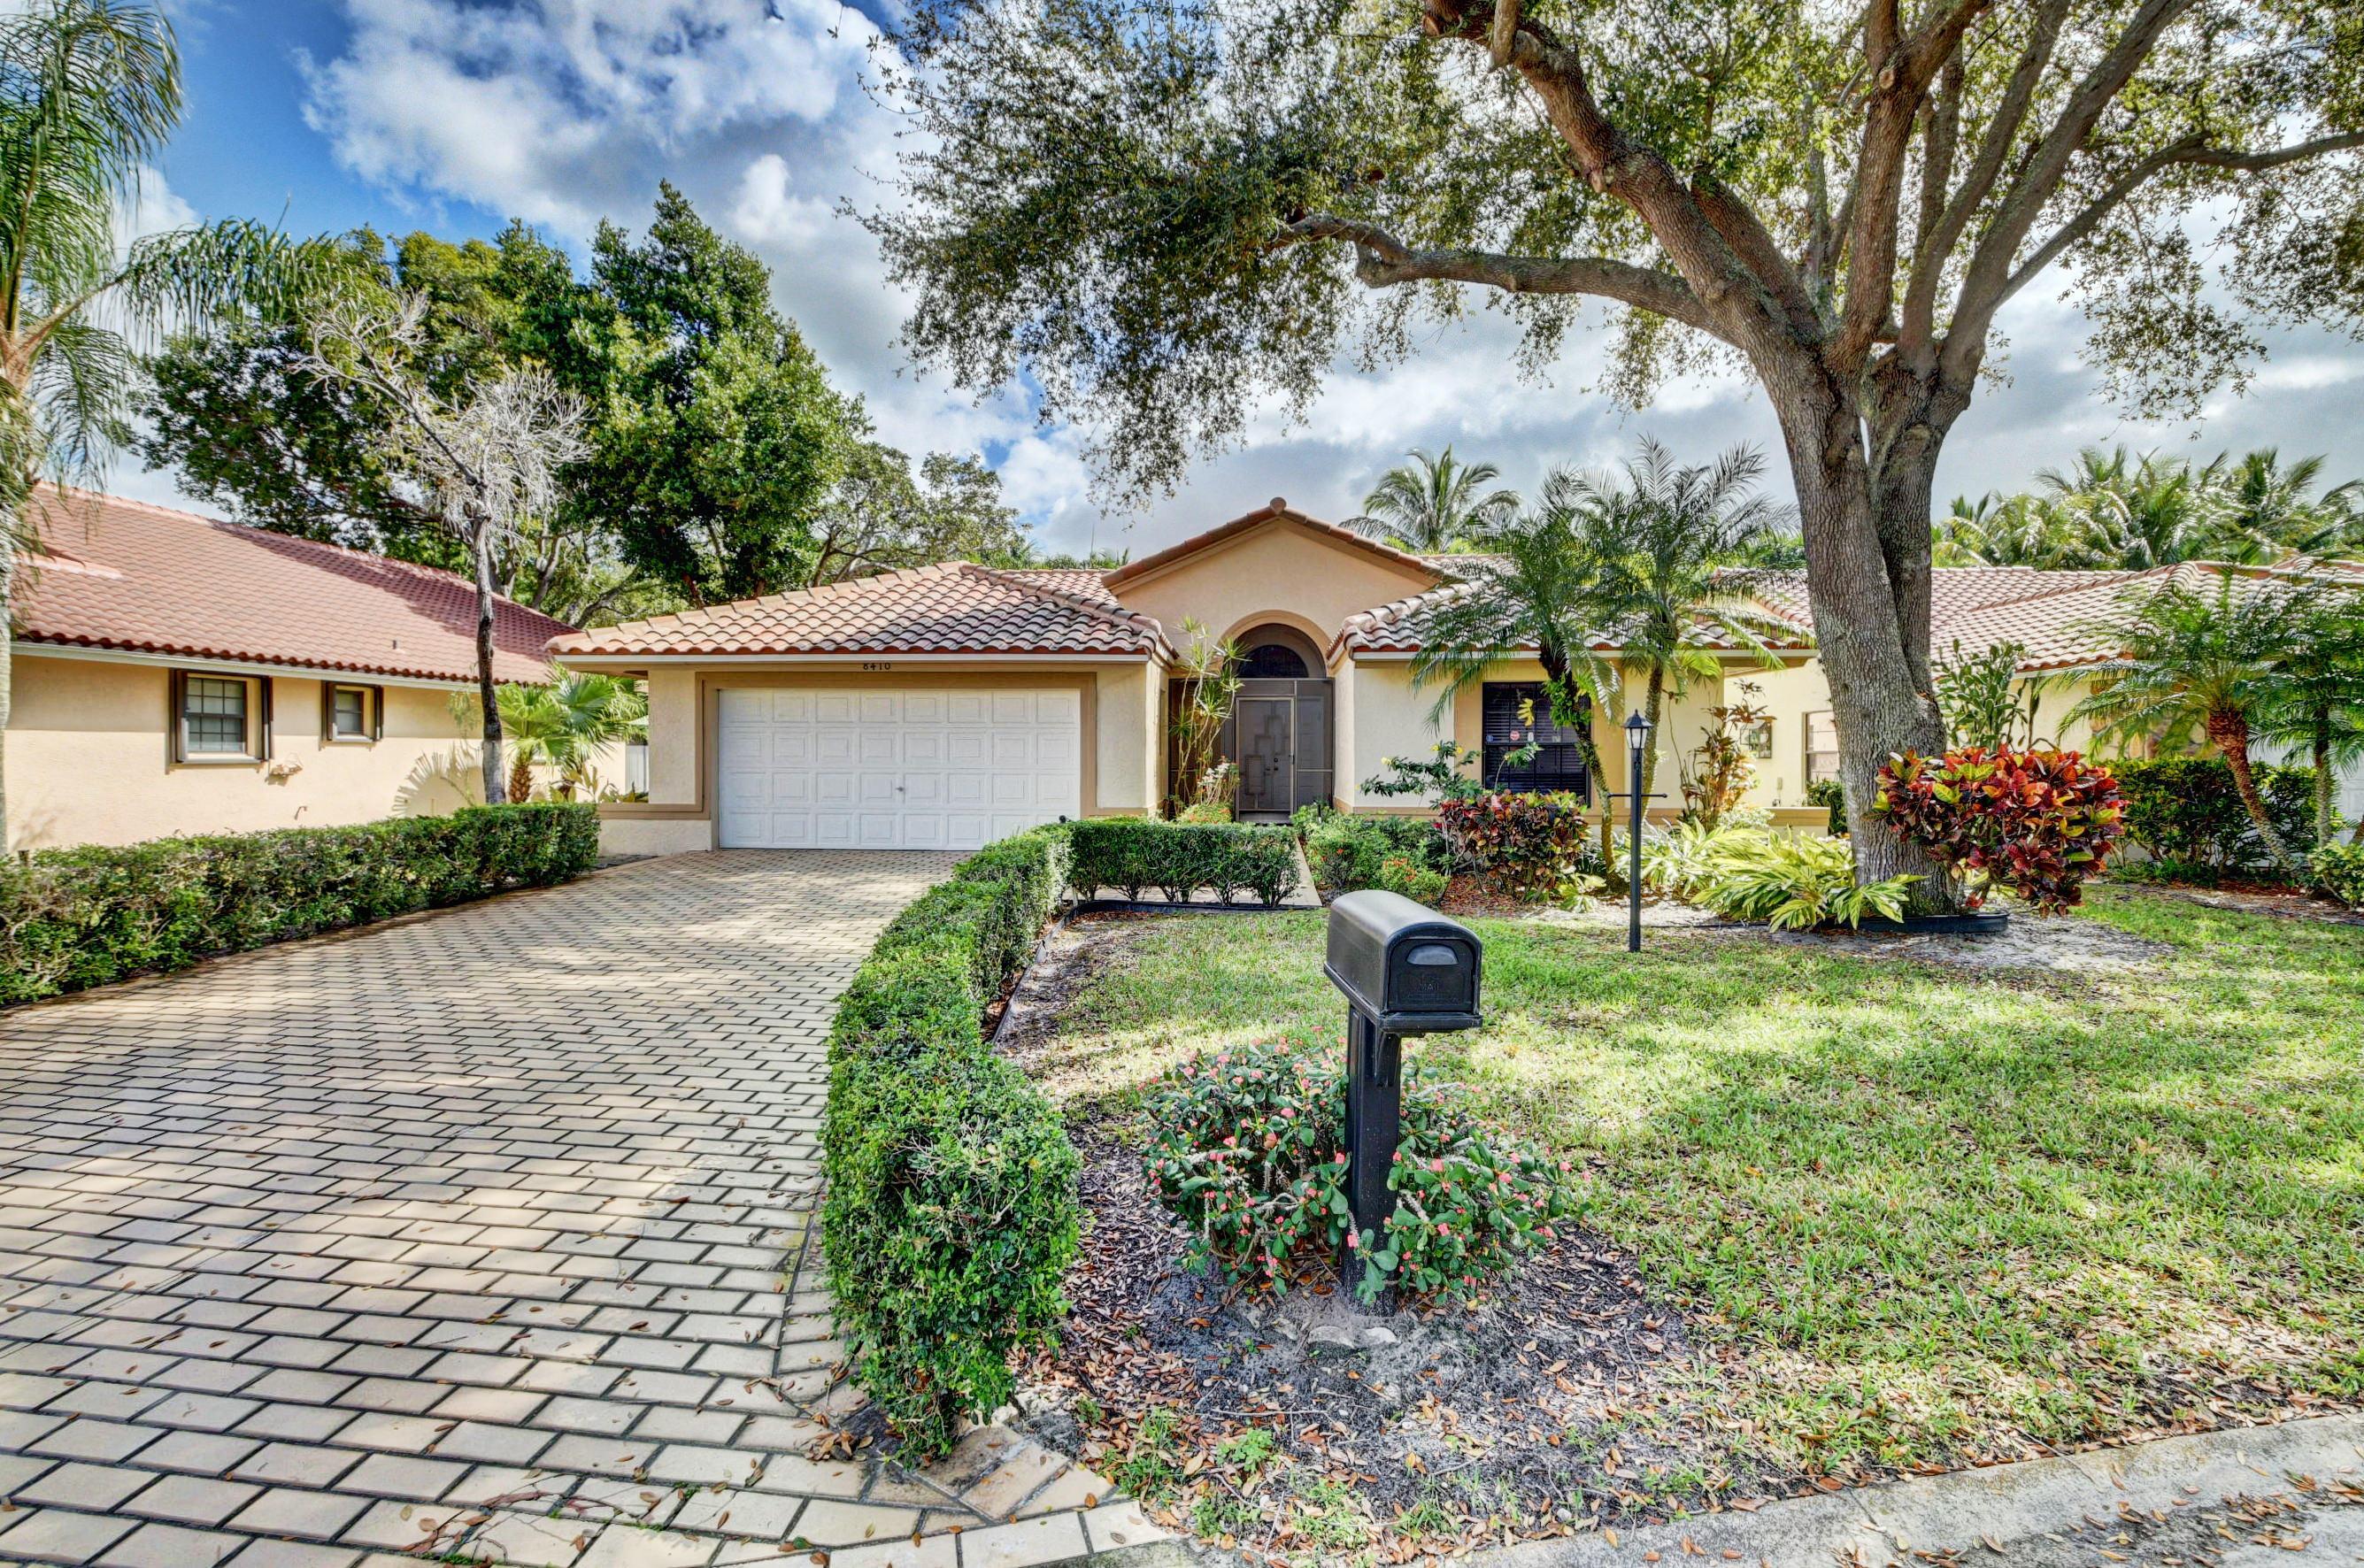 Home for sale in Palm Shores, Windward Boynton Beach Florida